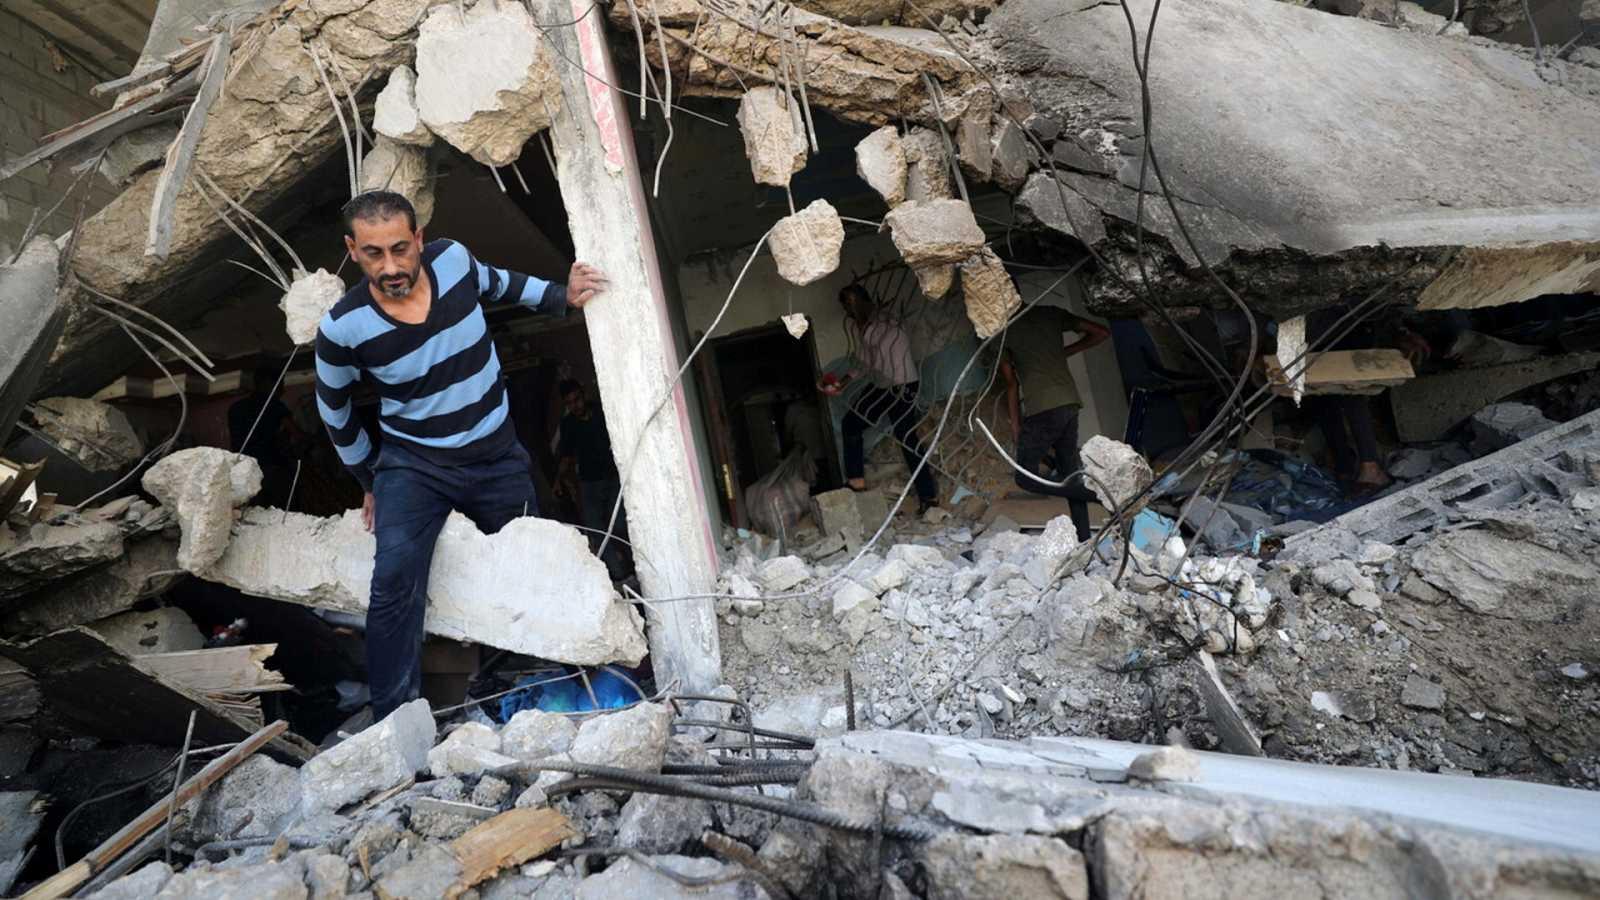 Israel continúa bombardeando Gaza después de una semana a pesar de los llamamientos internacionales - Ver ahora